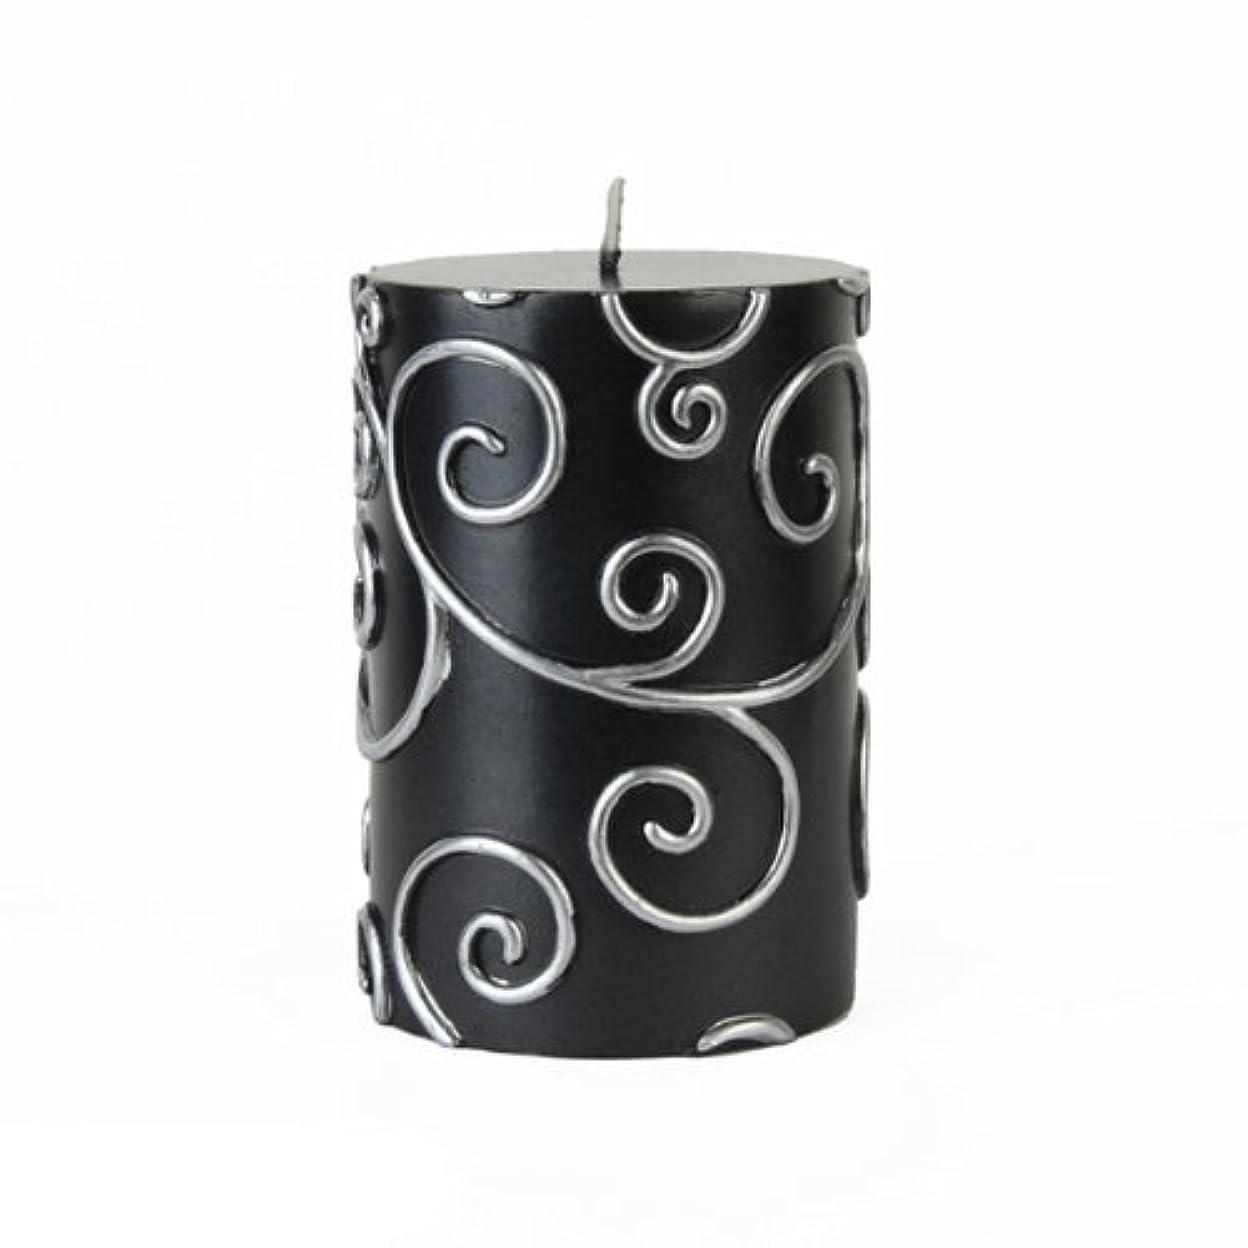 煙指定アライメントZest Candle CPS-001_12 12-Piece Scroll Pillar Candle, 3' x 4', Black [並行輸入品]